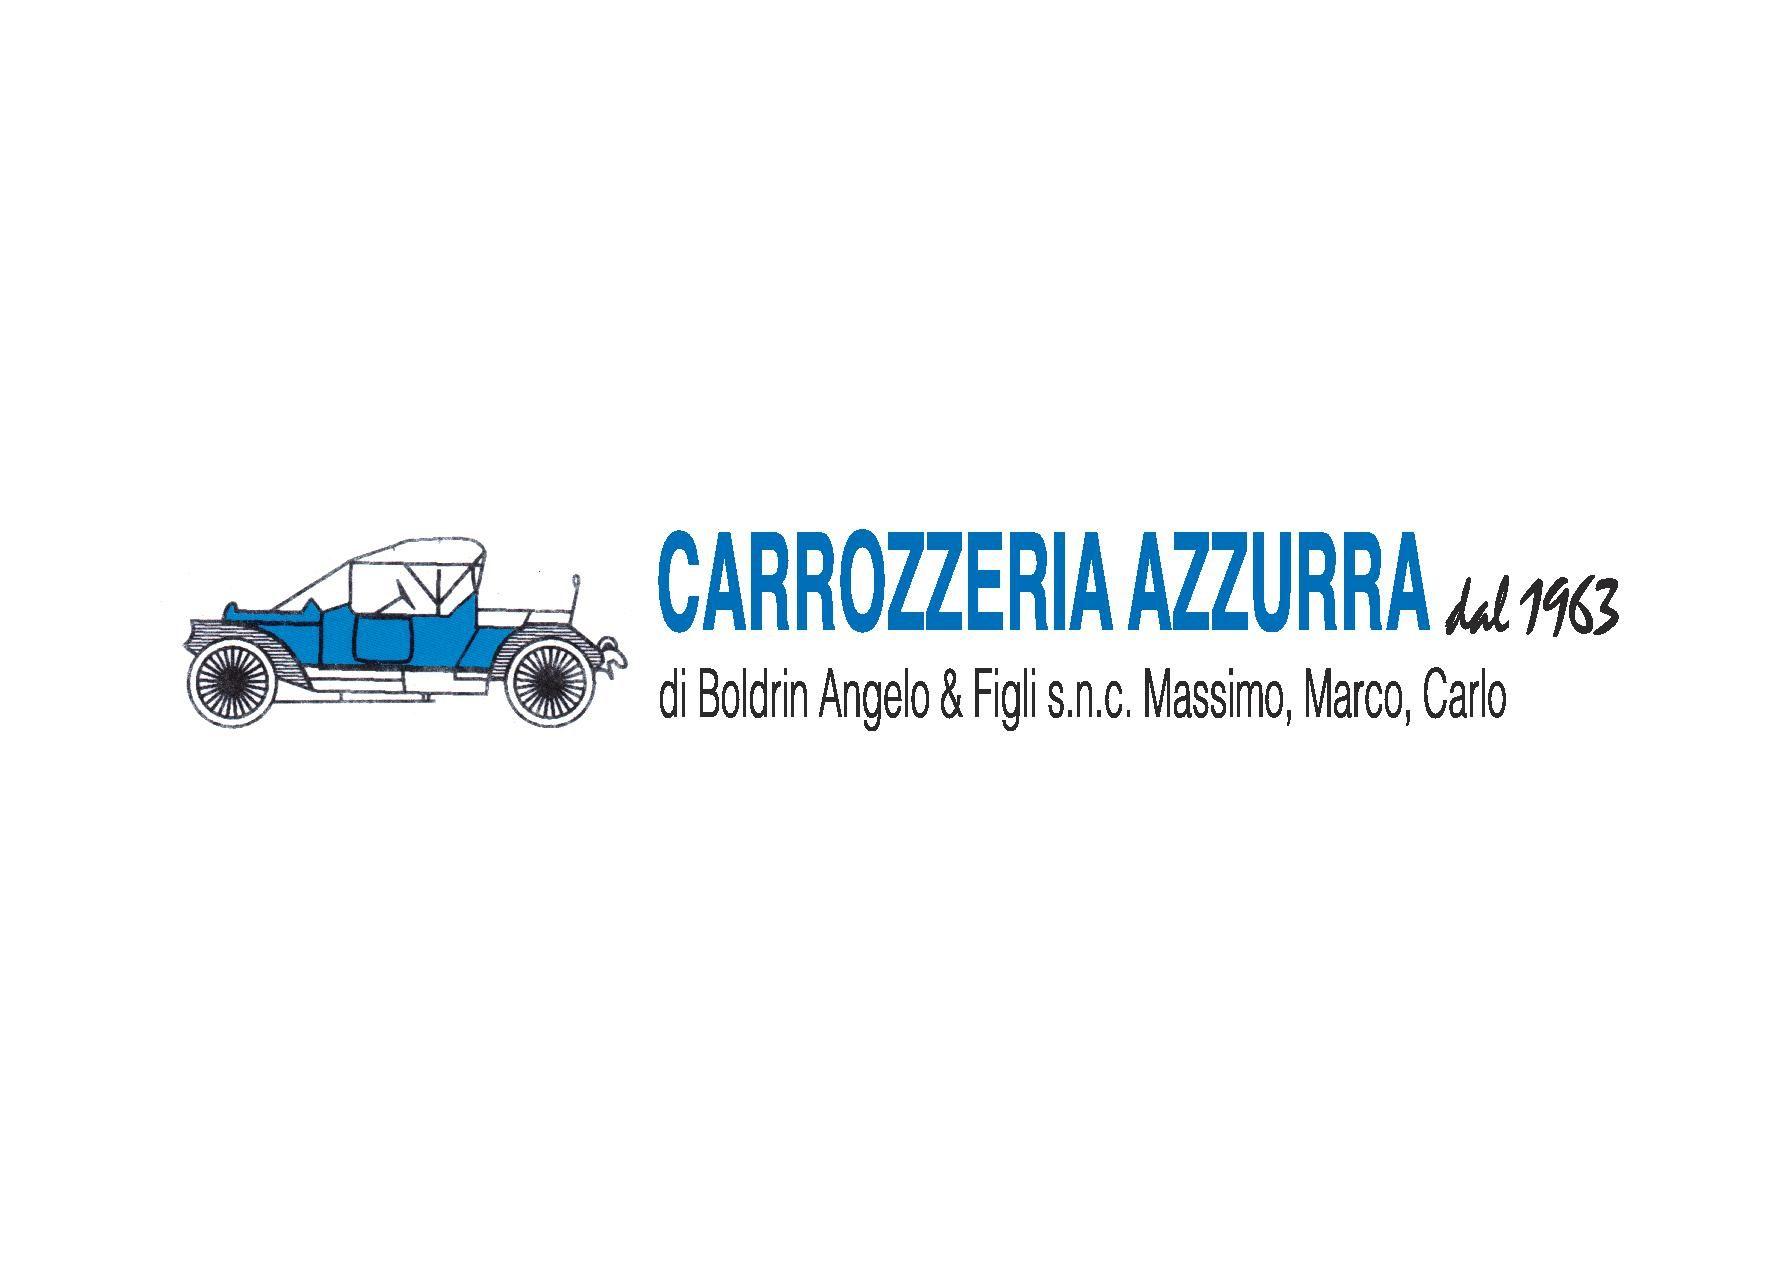 carrozzeria azzurra-page-001